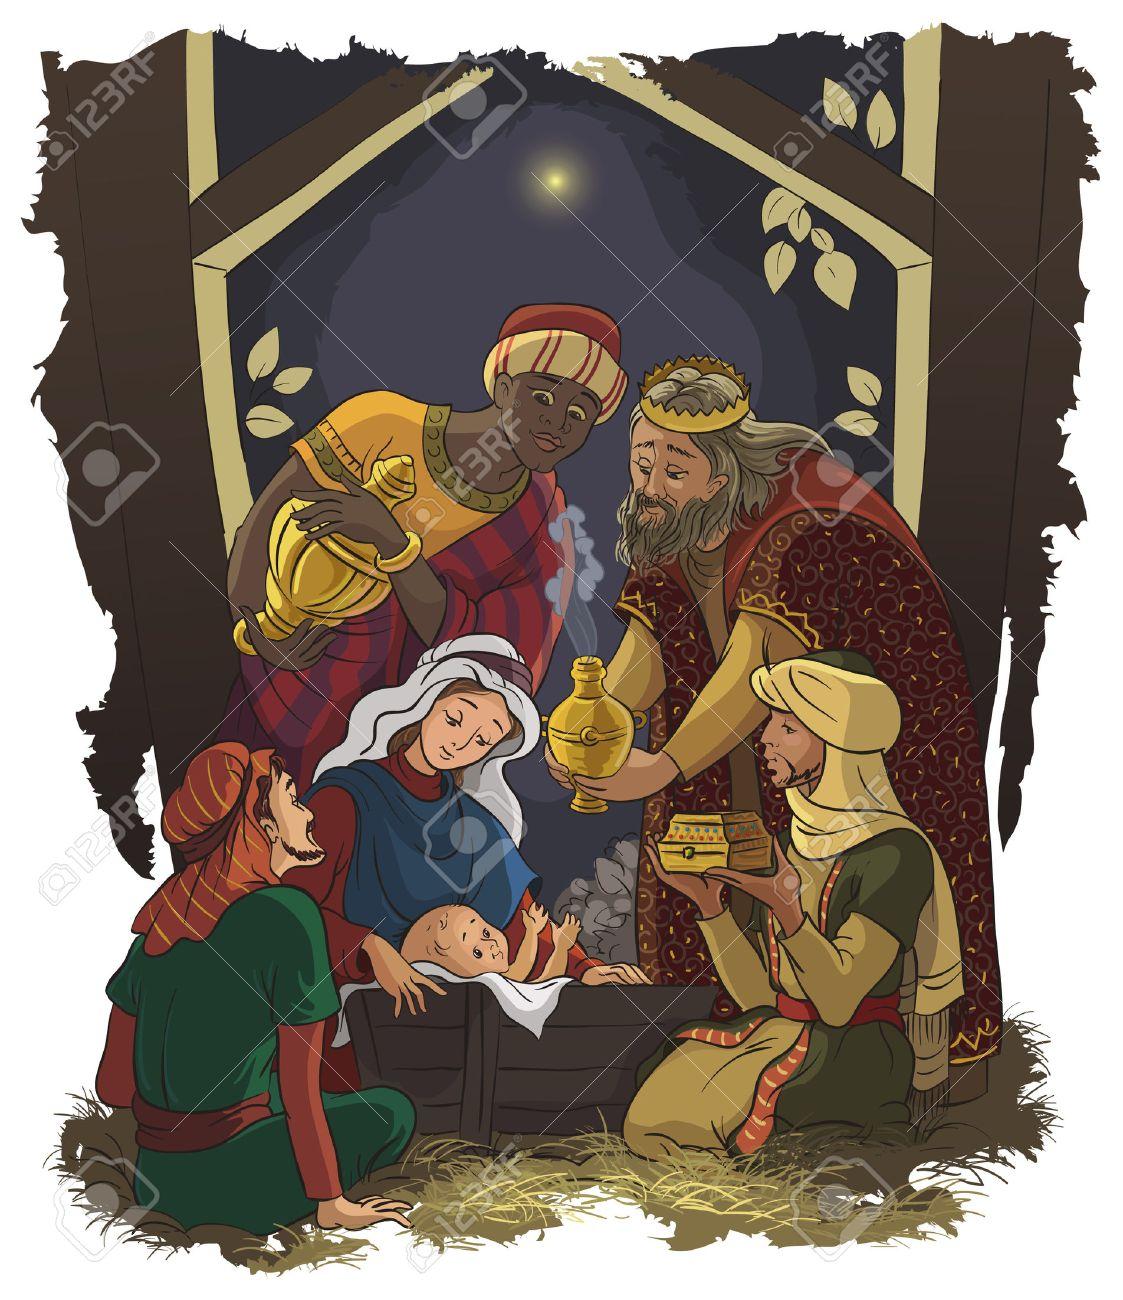 Nativity scene Jesus, Mary, Joseph and the Three Kings - 23026677